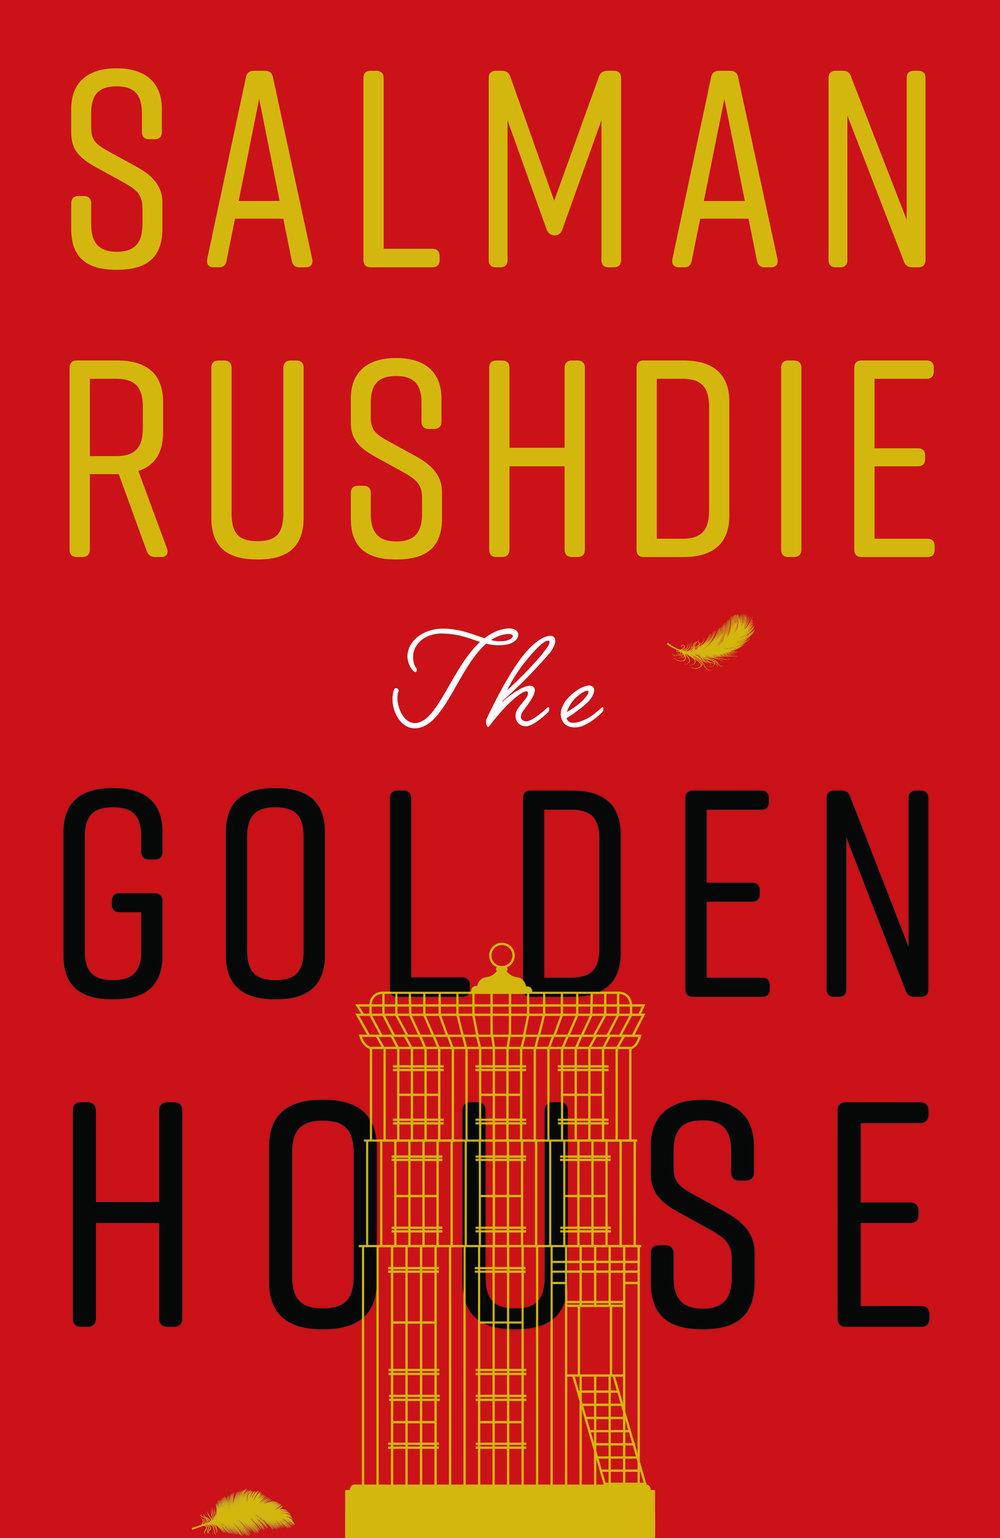 JG Golden House